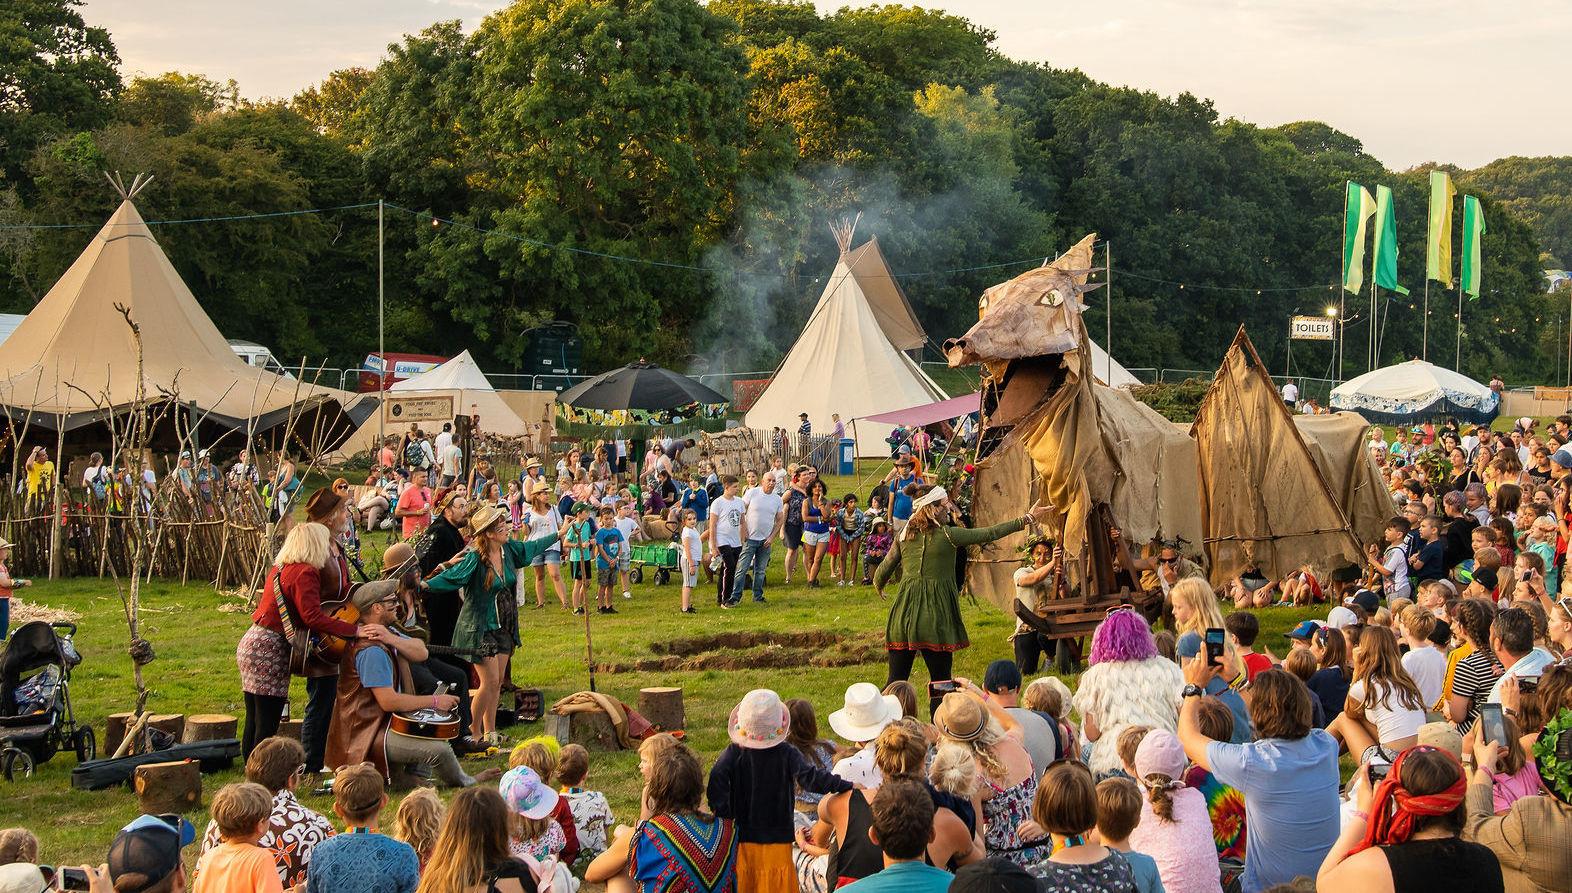 Wild Tribe Teepee Camp image